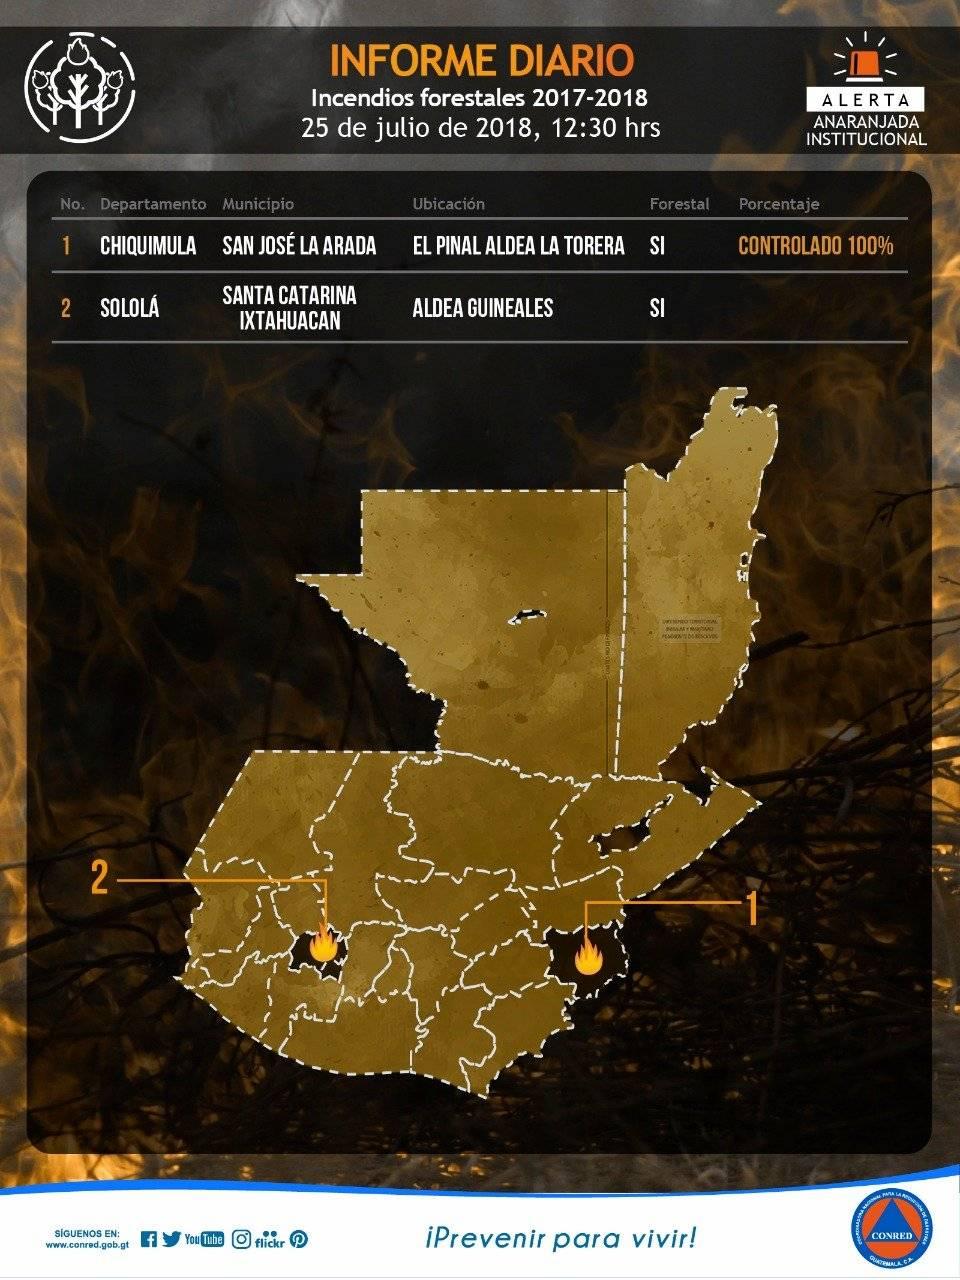 zonas donde hay incendios forestales